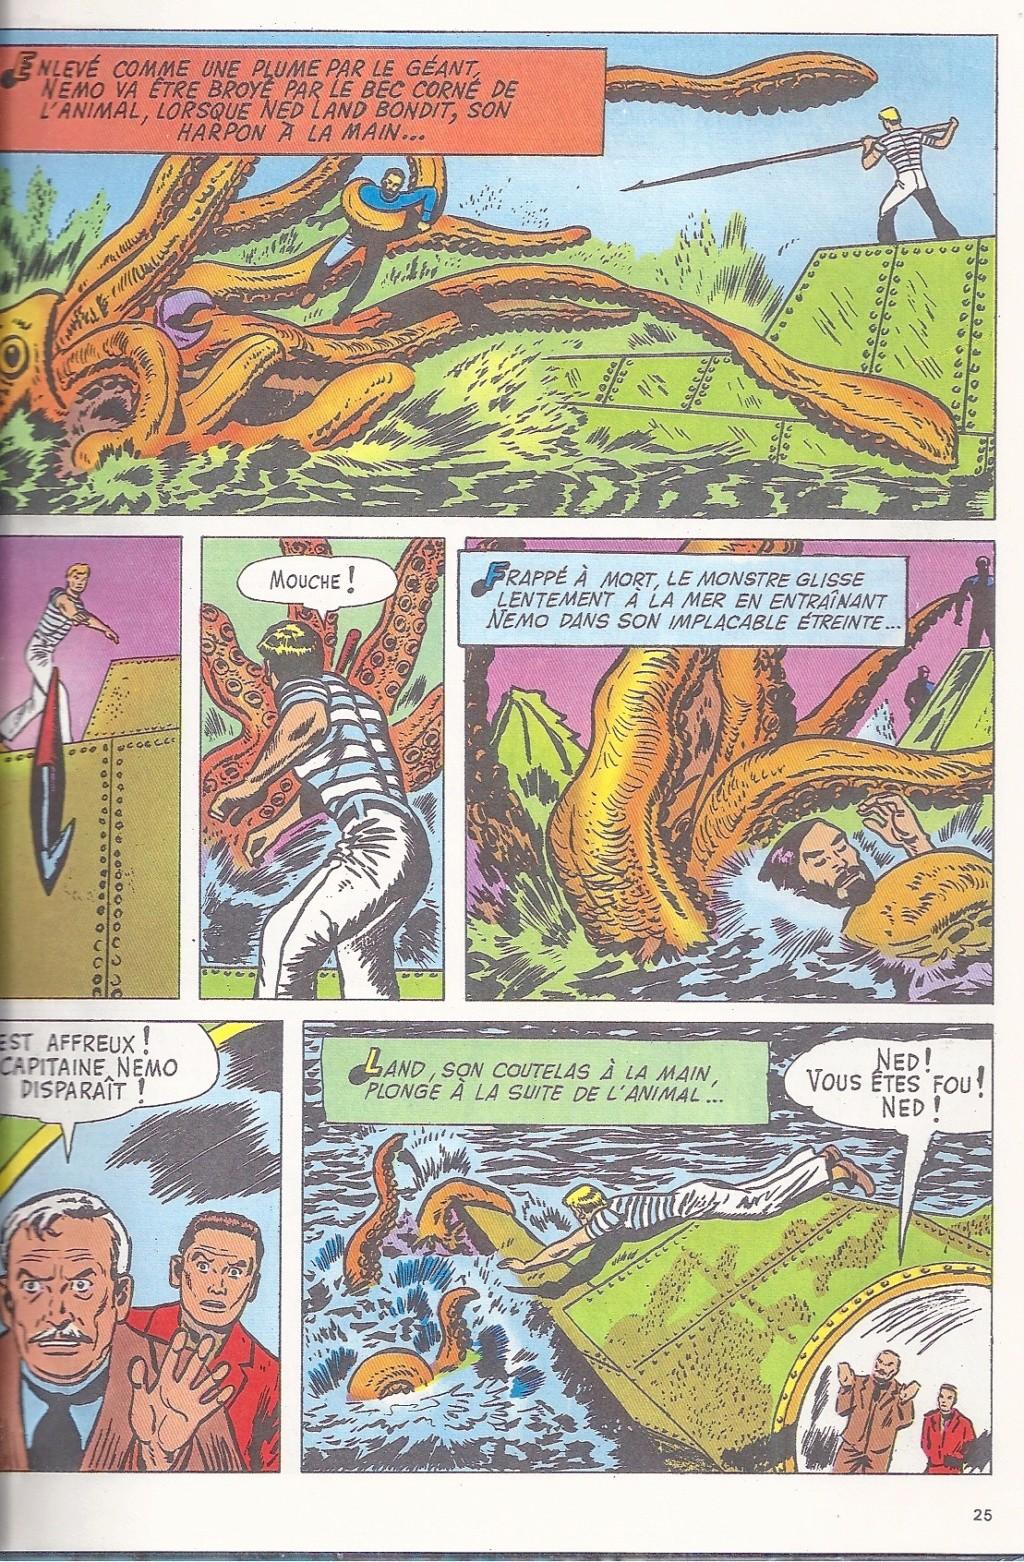 [Bandes dessinées] Jesse March (Davy Crockett, 20 000 Lieues Sous les Mers...) Jesse_16